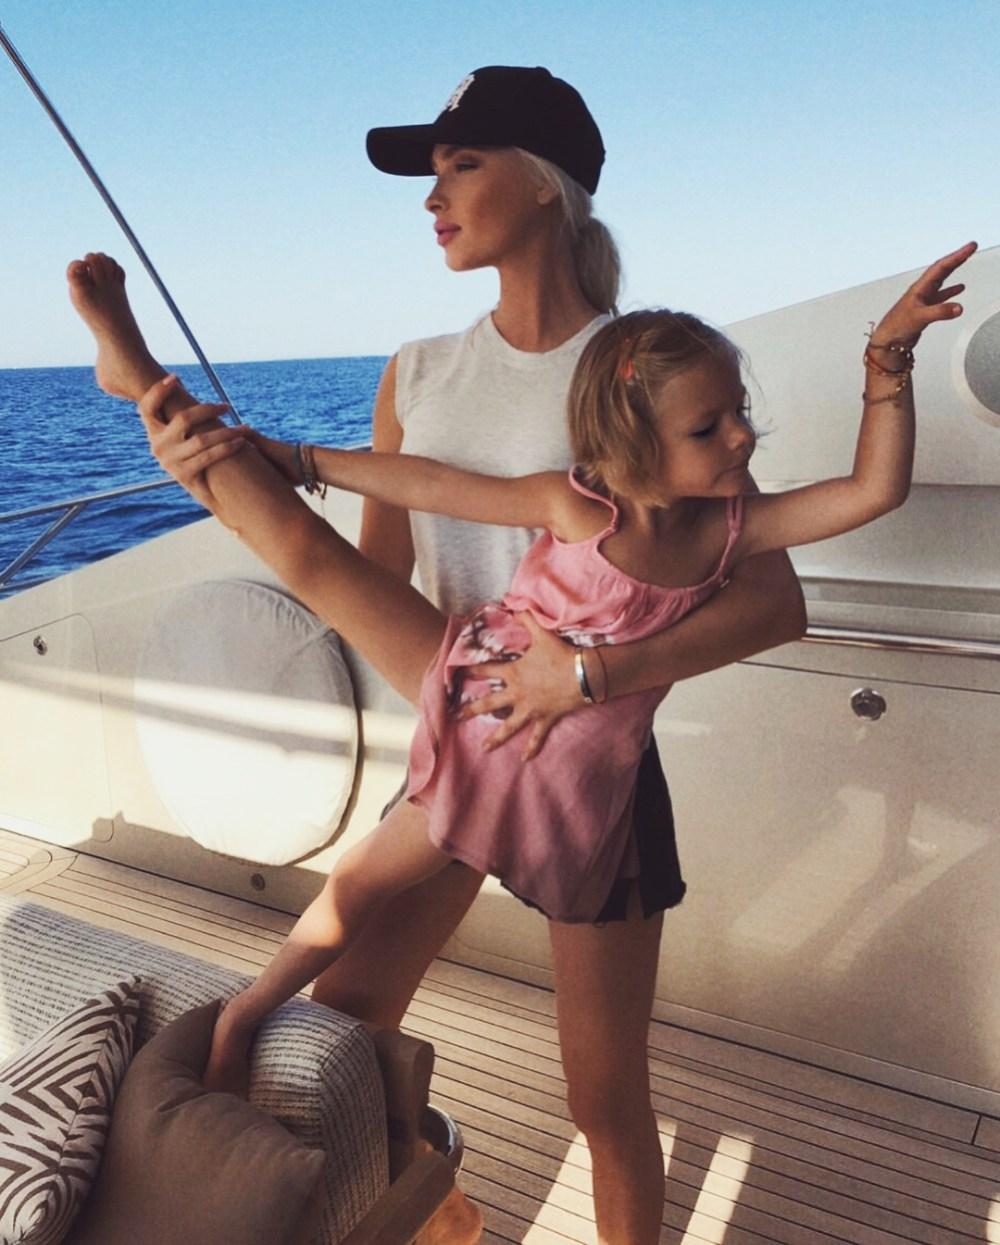 Тимати отдыхает на яхте вместе с Решетовой и Шишковой — фото